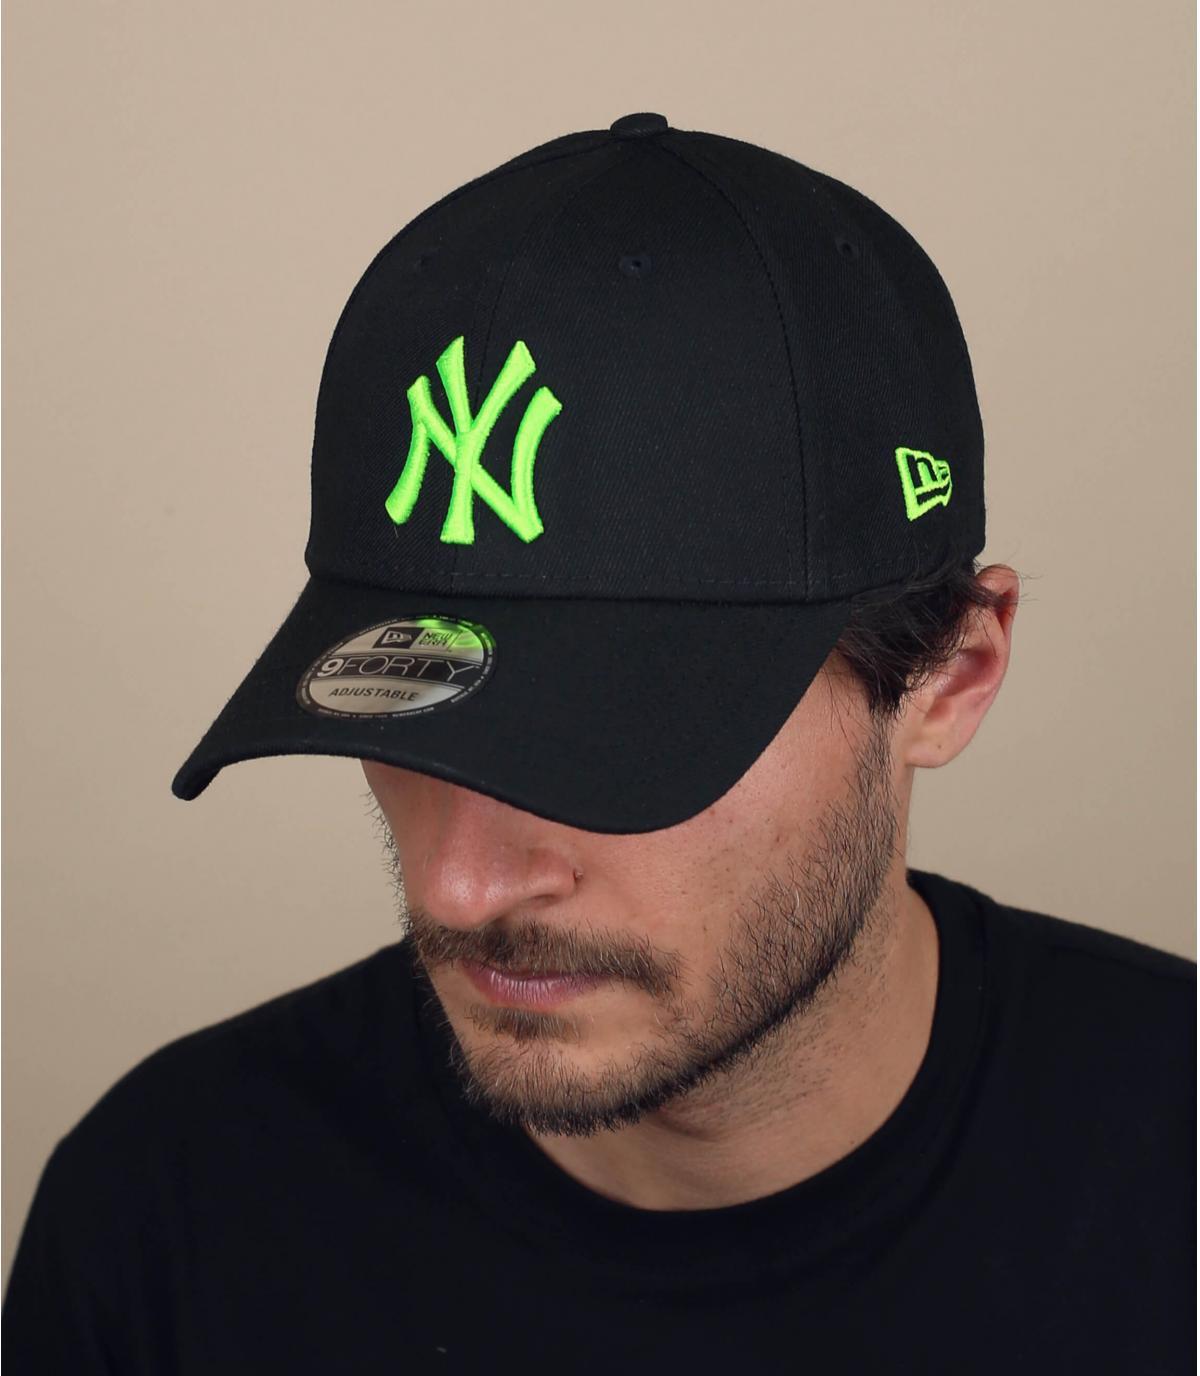 zwarte fluo-groene NY cap